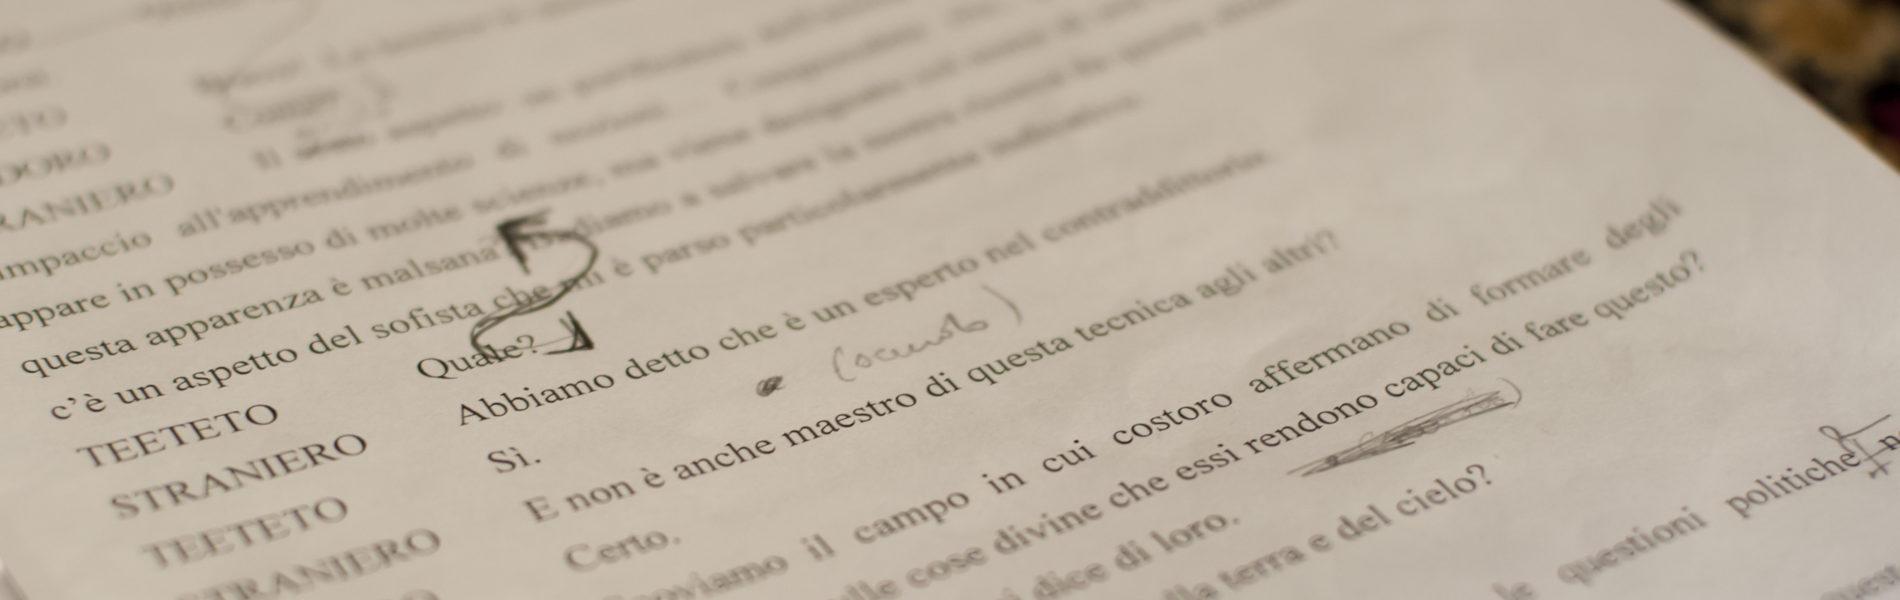 Spettacolo_Teatrale_2012_001